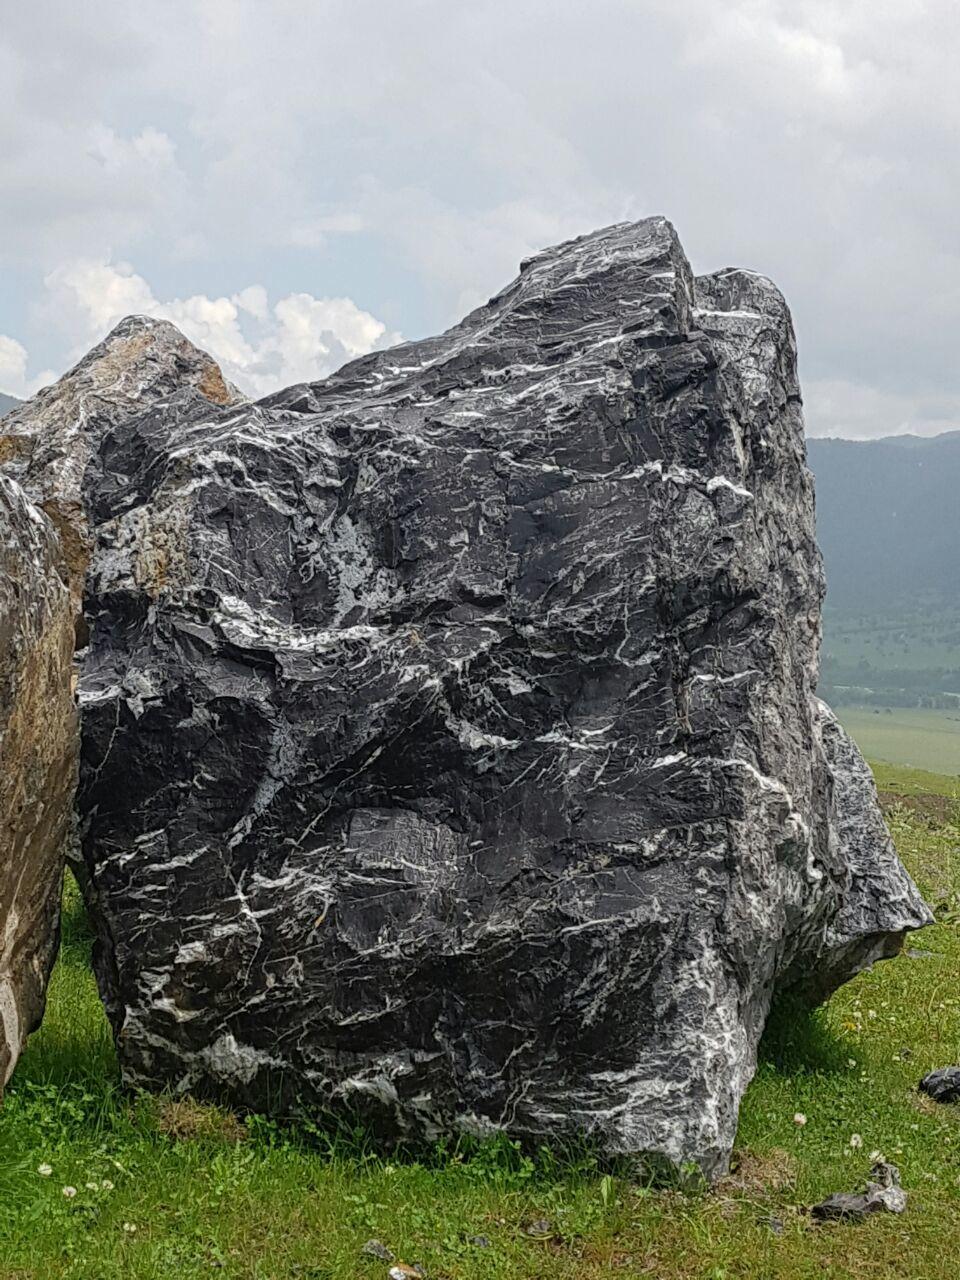 черная мраморная глыба валун, добыча с гор